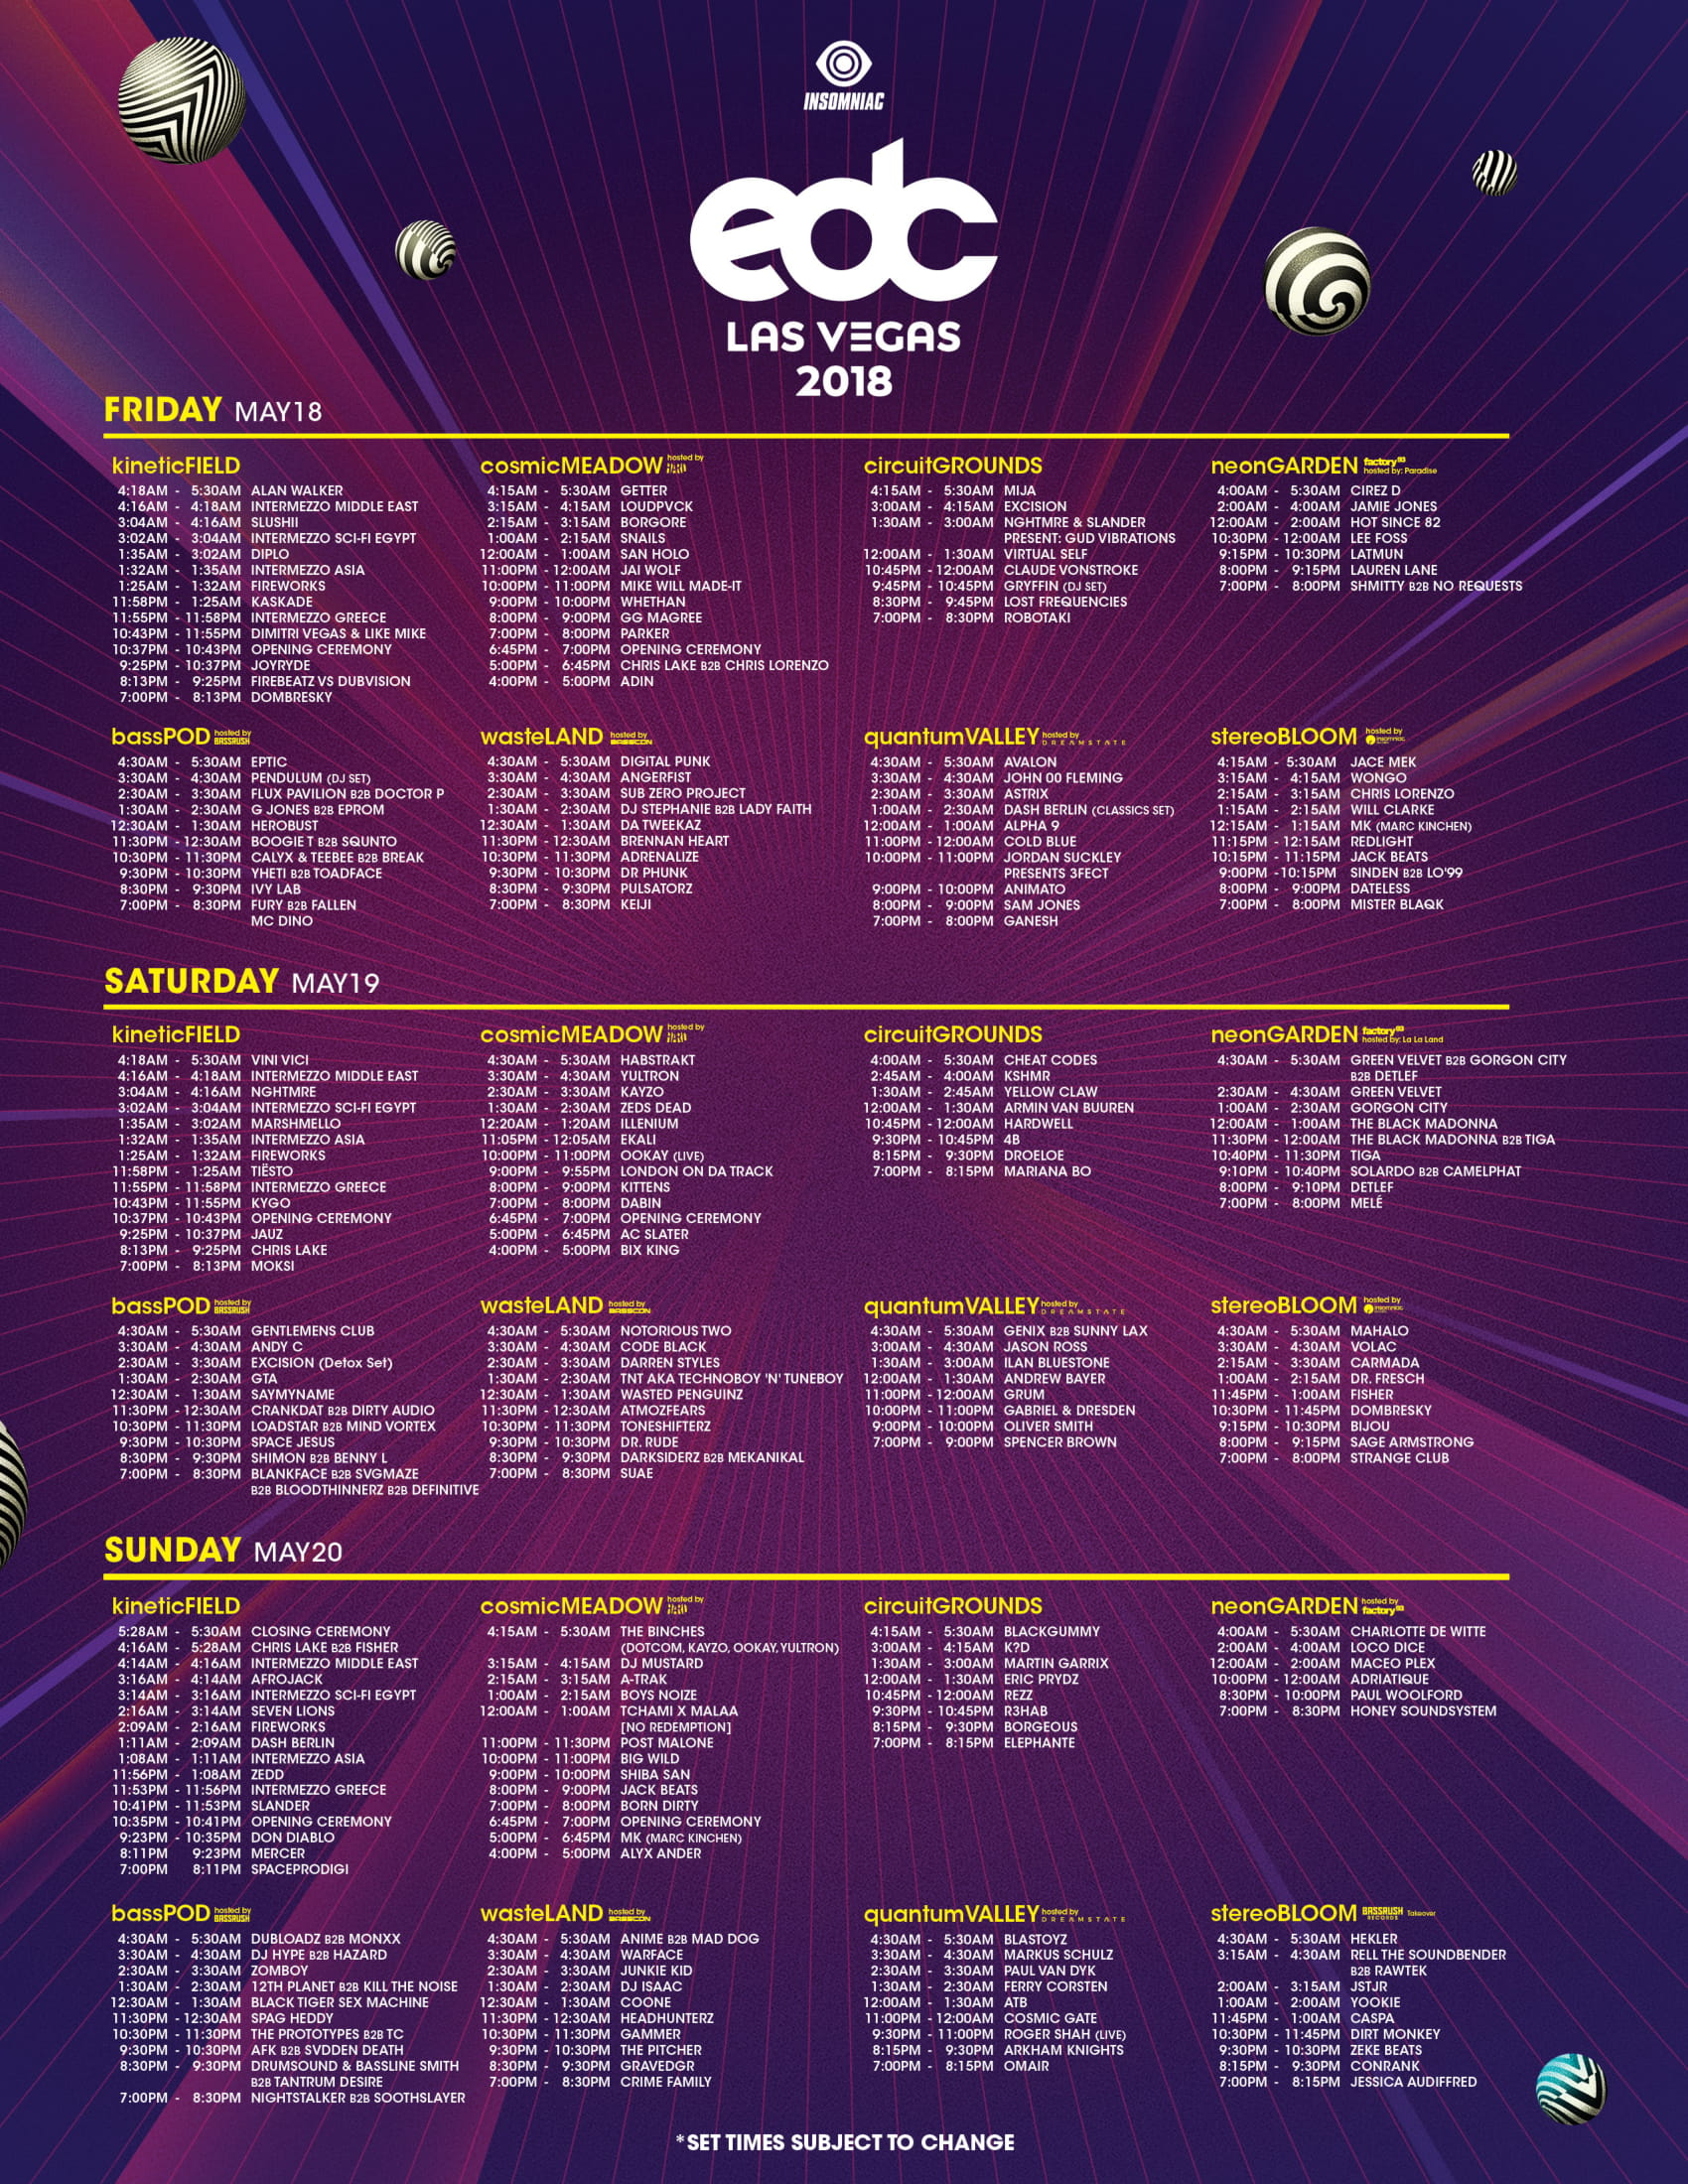 EDC Las Vegas 2018 Set Times